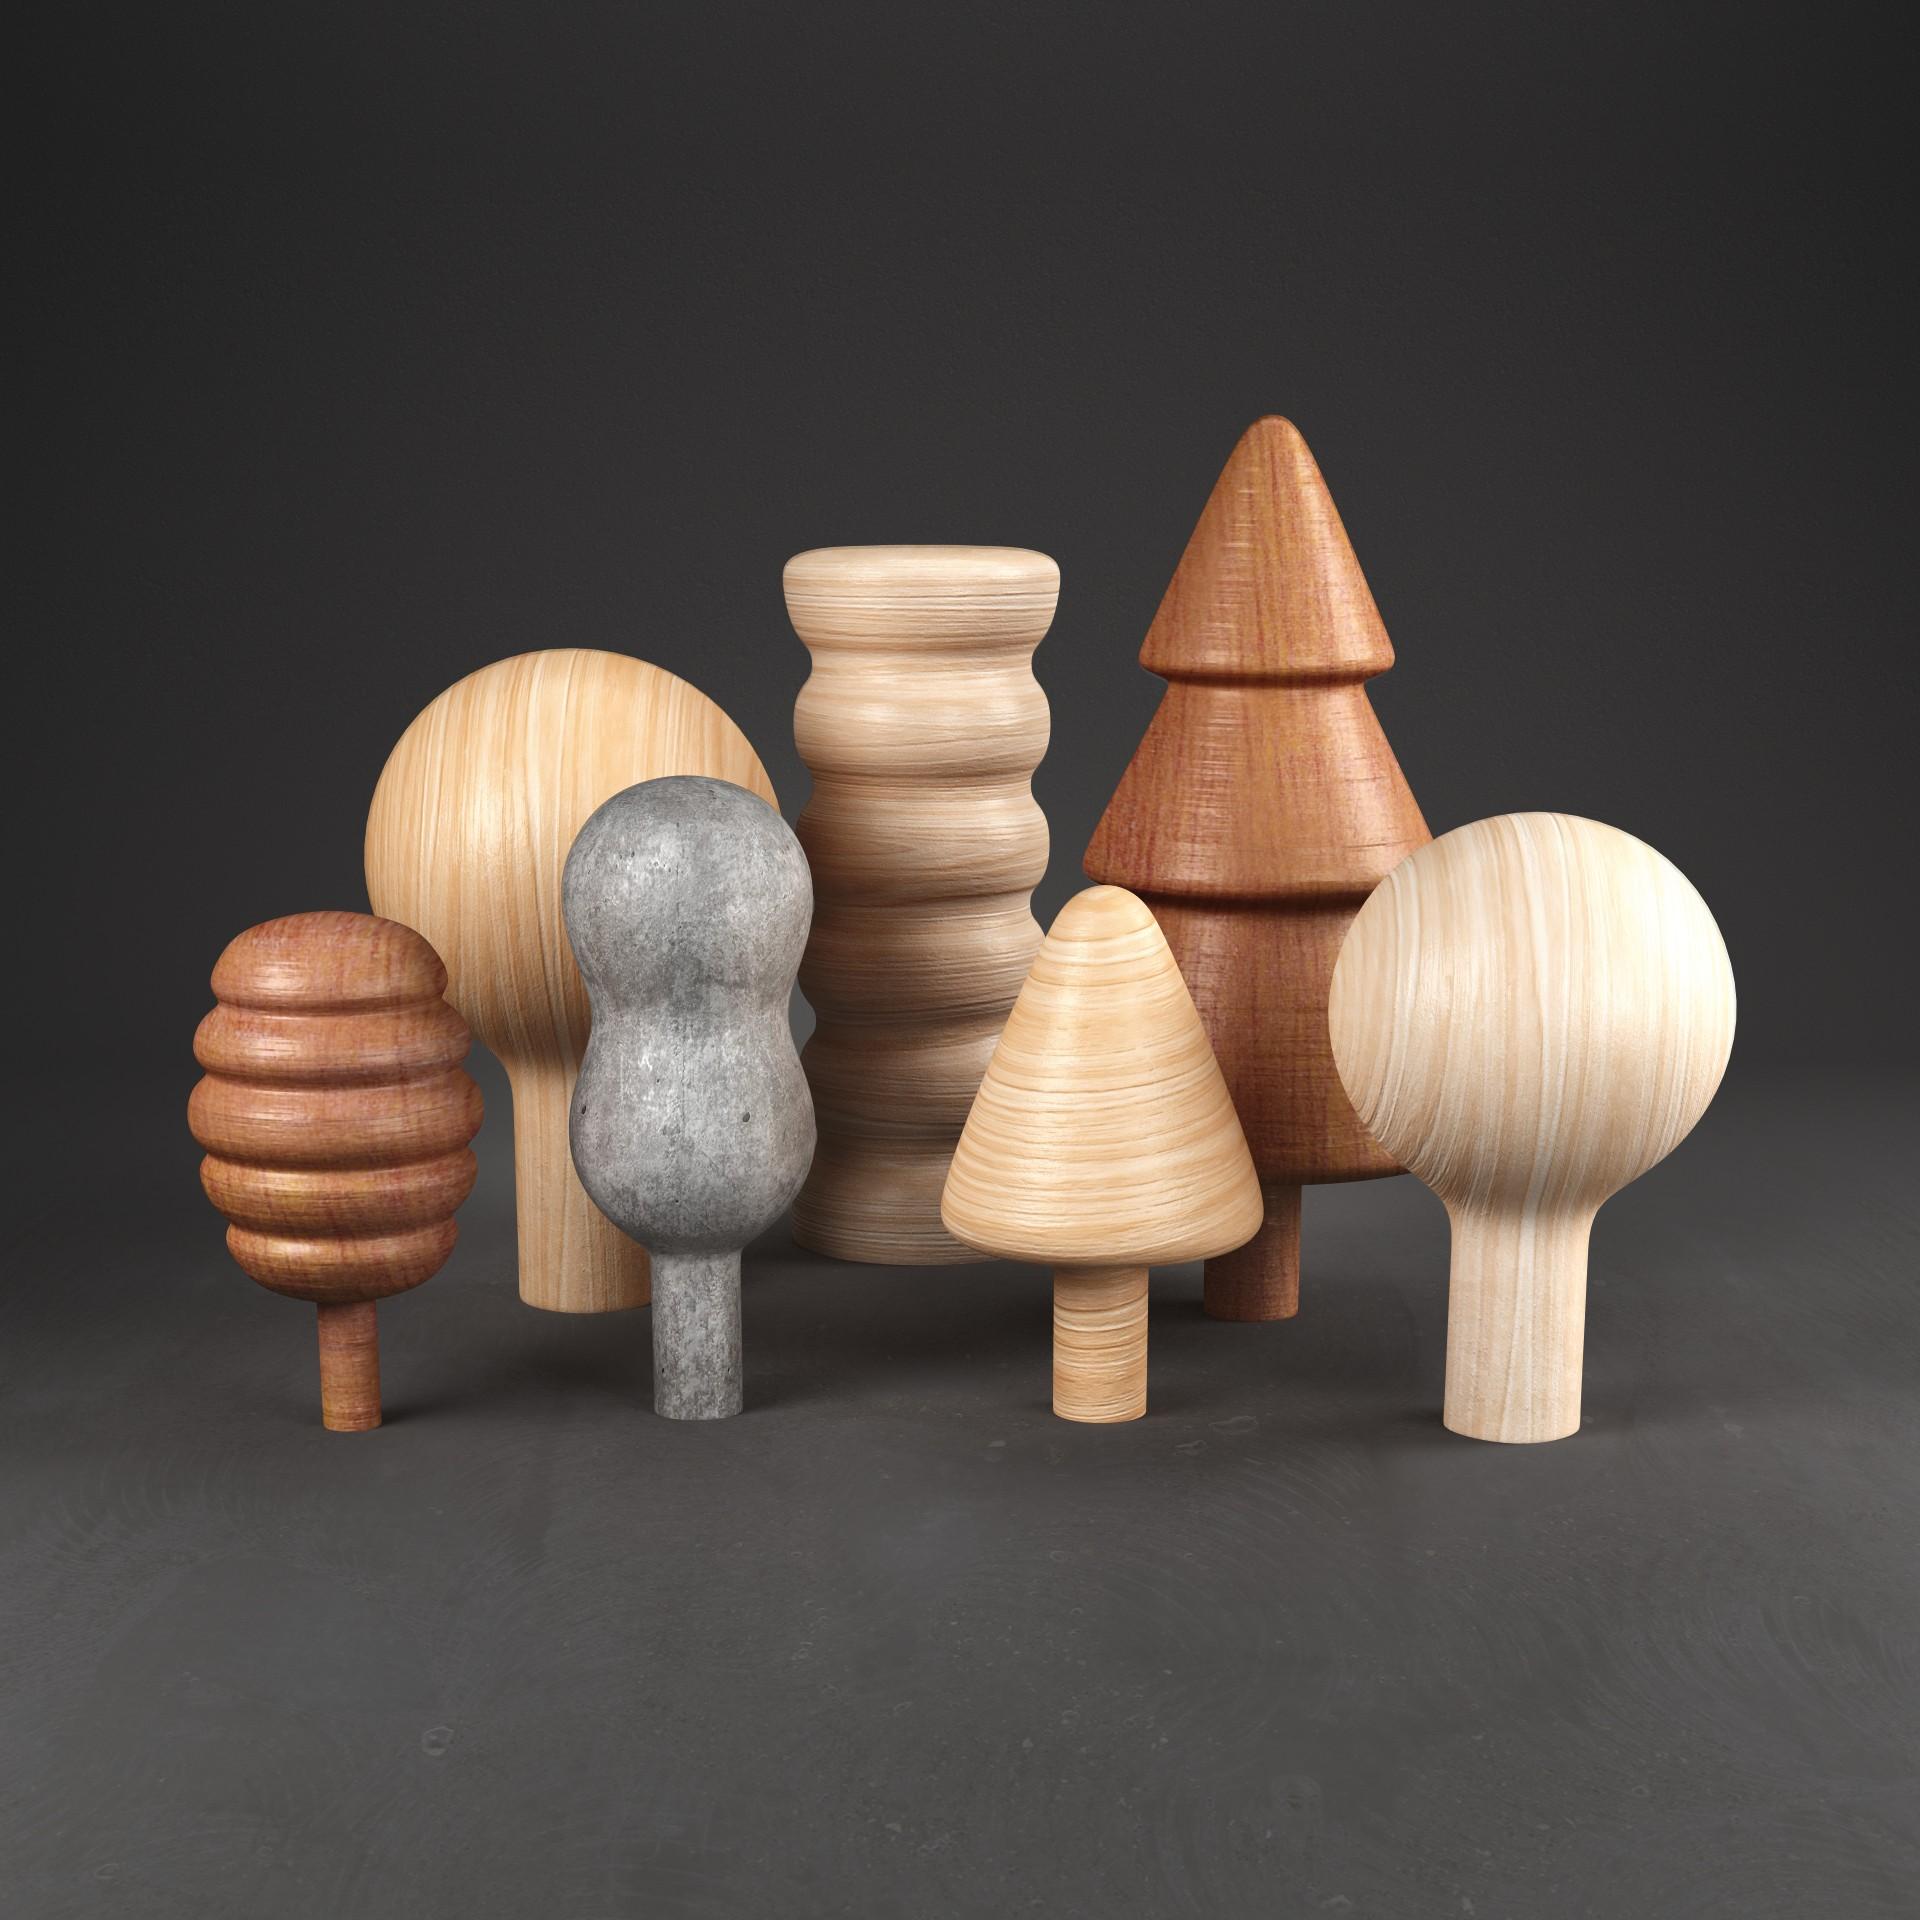 wood_trees_v1_1.jpg